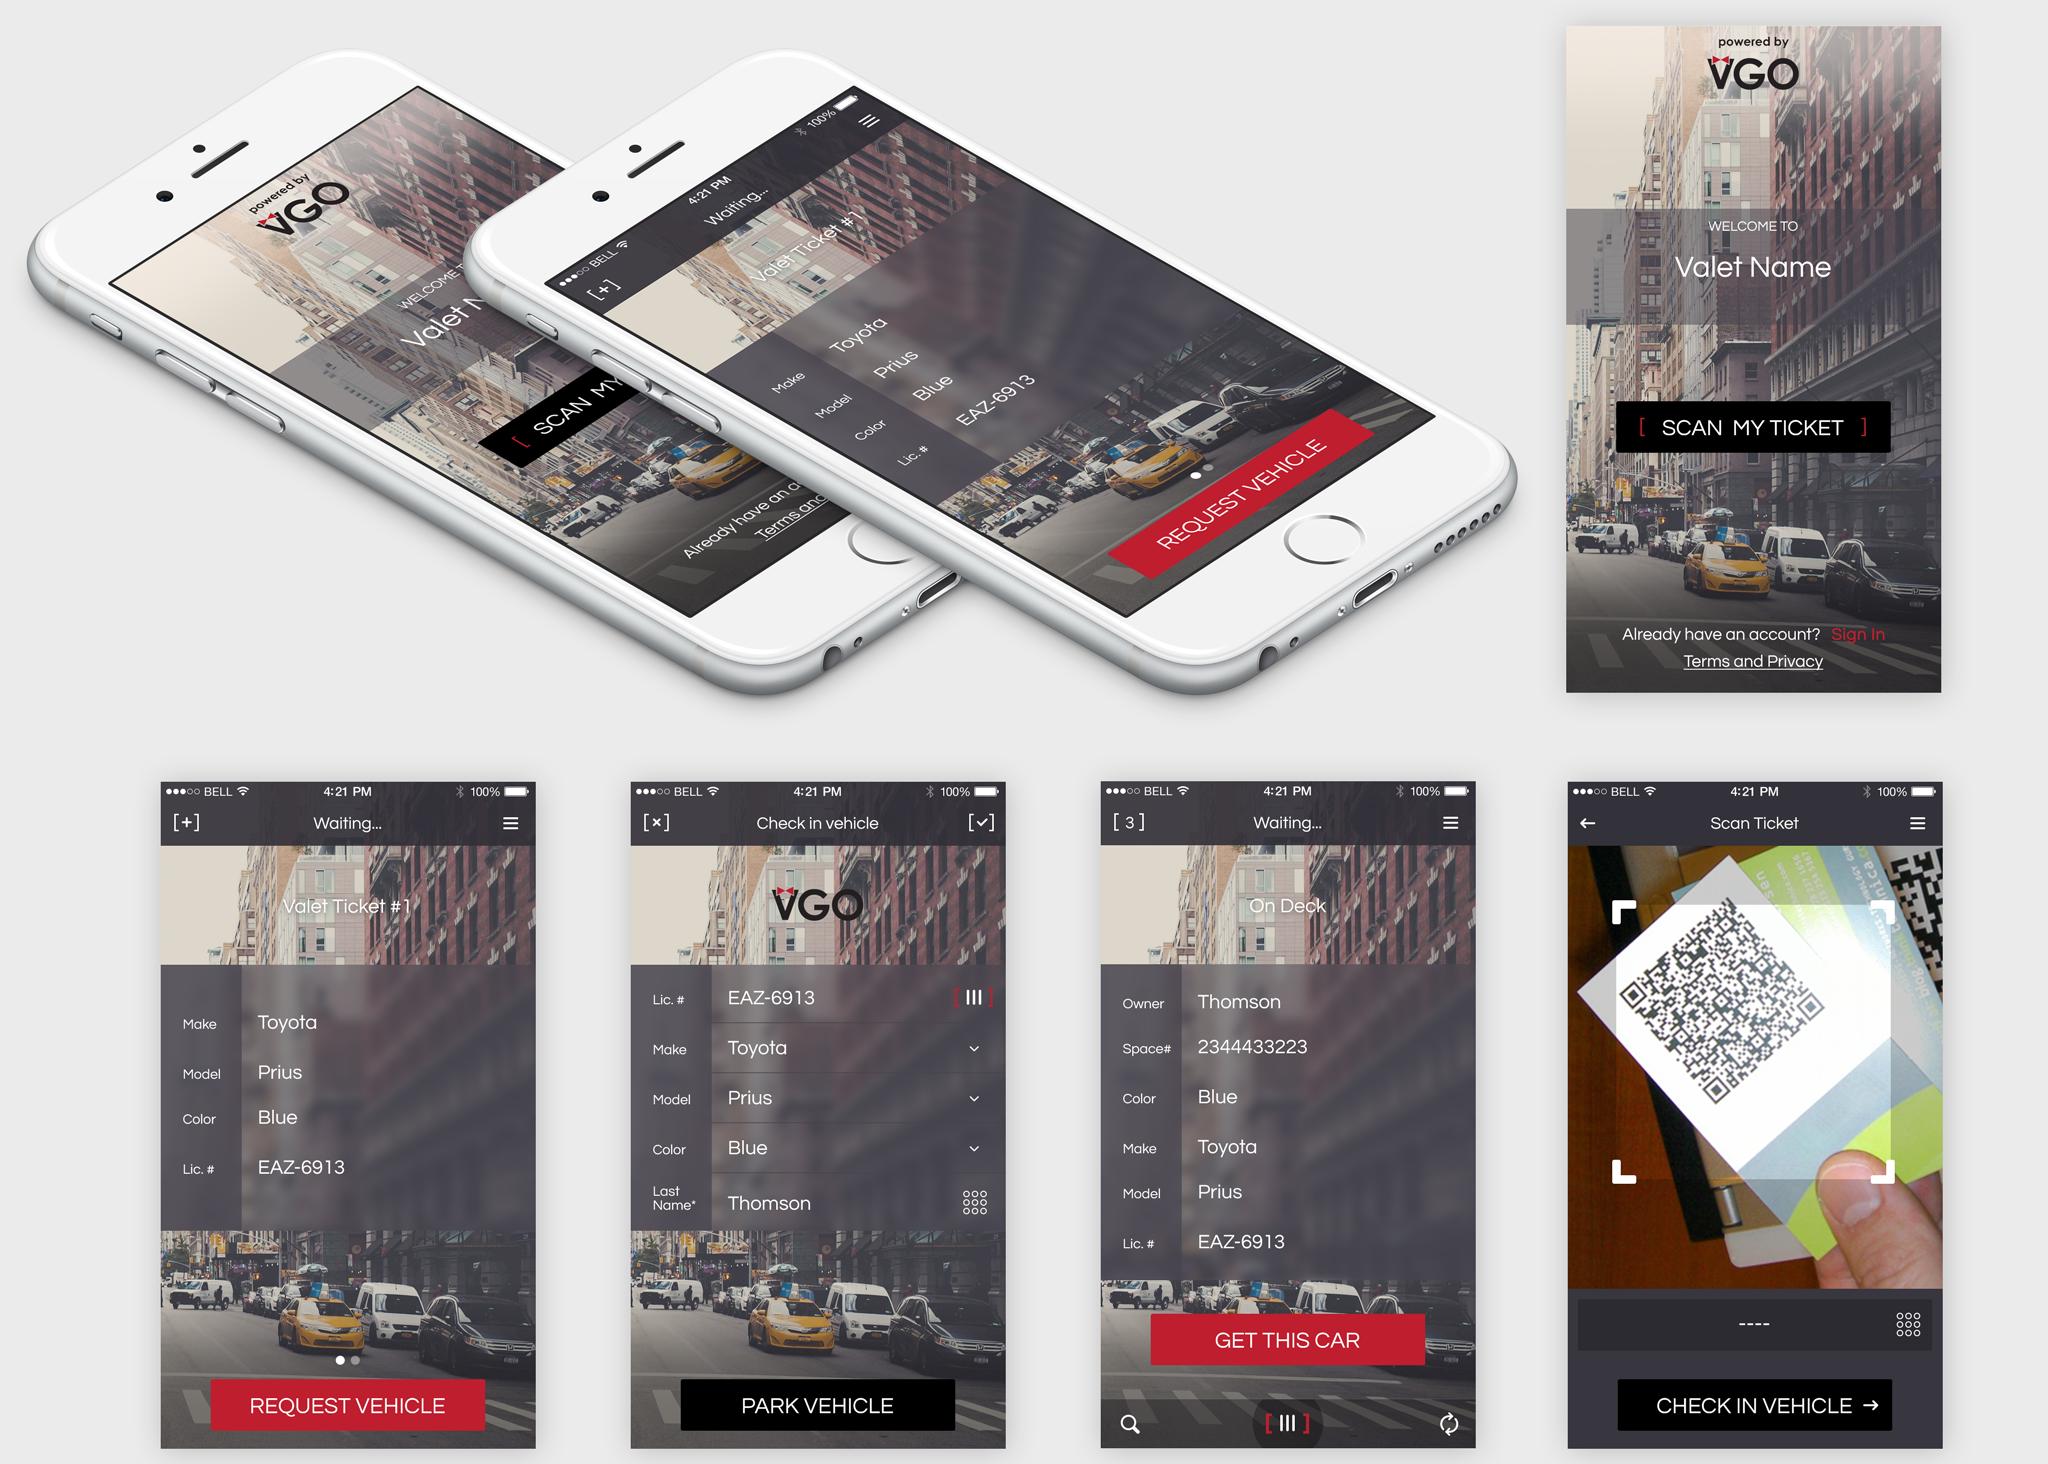 VGO app